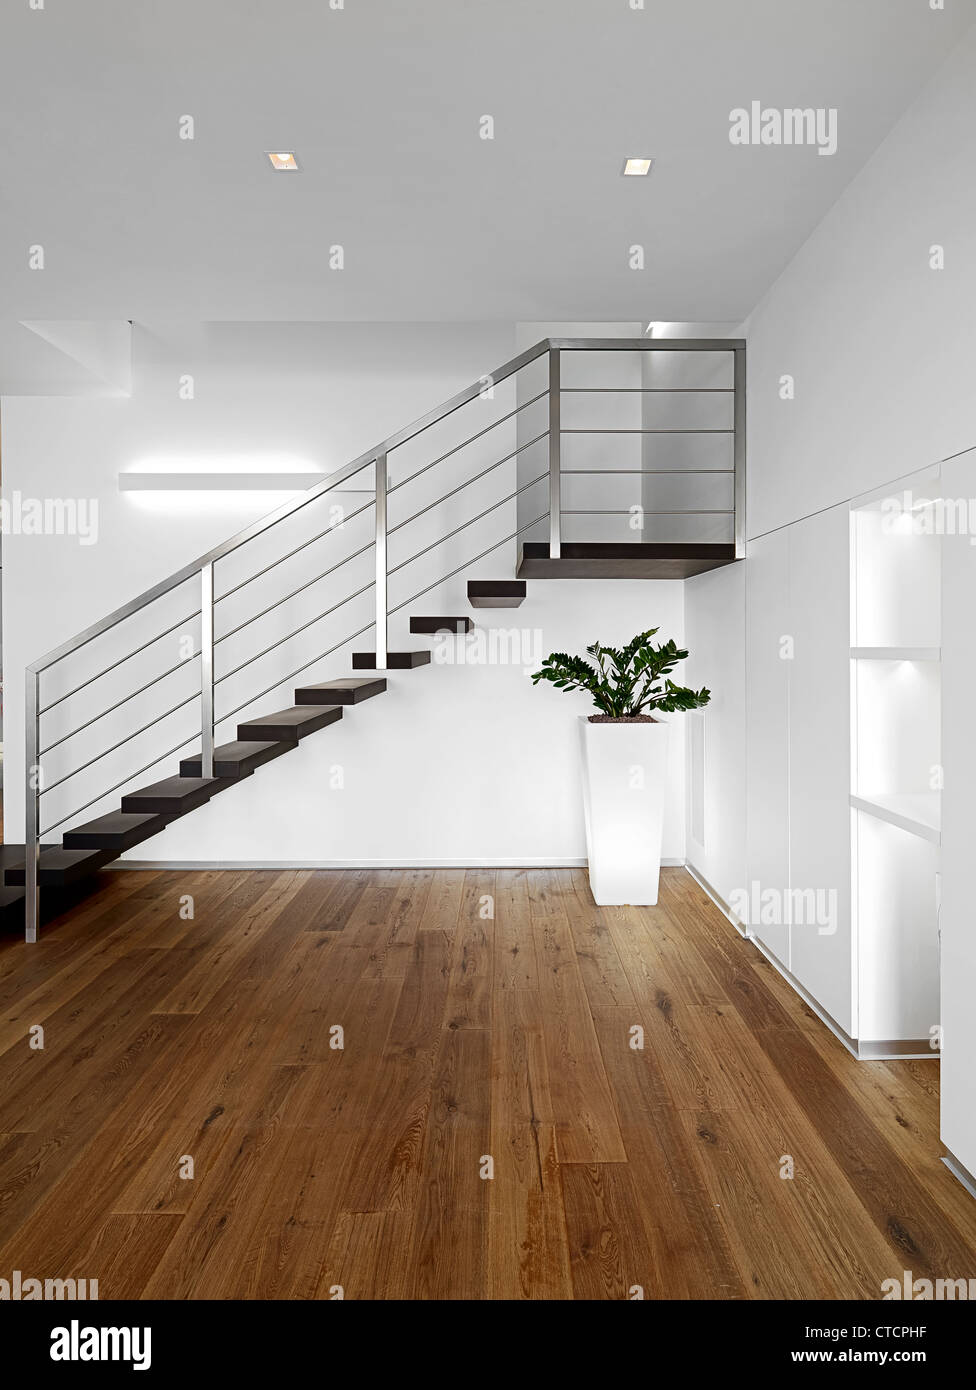 Moderner Eingangsbereich Mit Treppe Und Holz Boden Stockfoto Bild